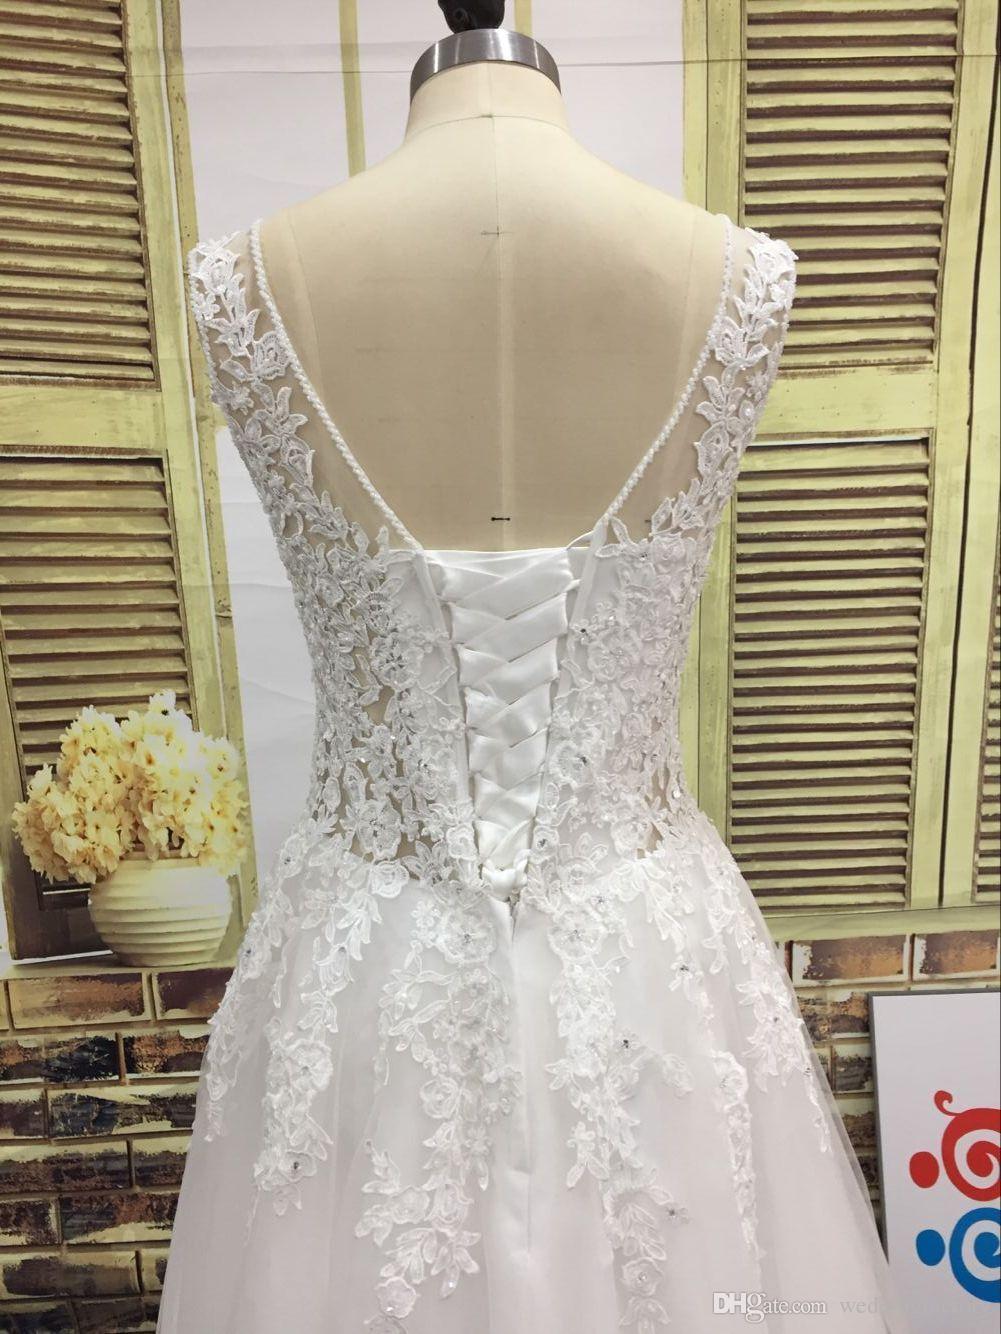 Imagen real Una línea Vestido de novia Con cuentas Escote escarpado Cristales Perlas Lentejuelas Apliques de encaje Ilusión Volver Corsé Longitud del piso Vestido de novia